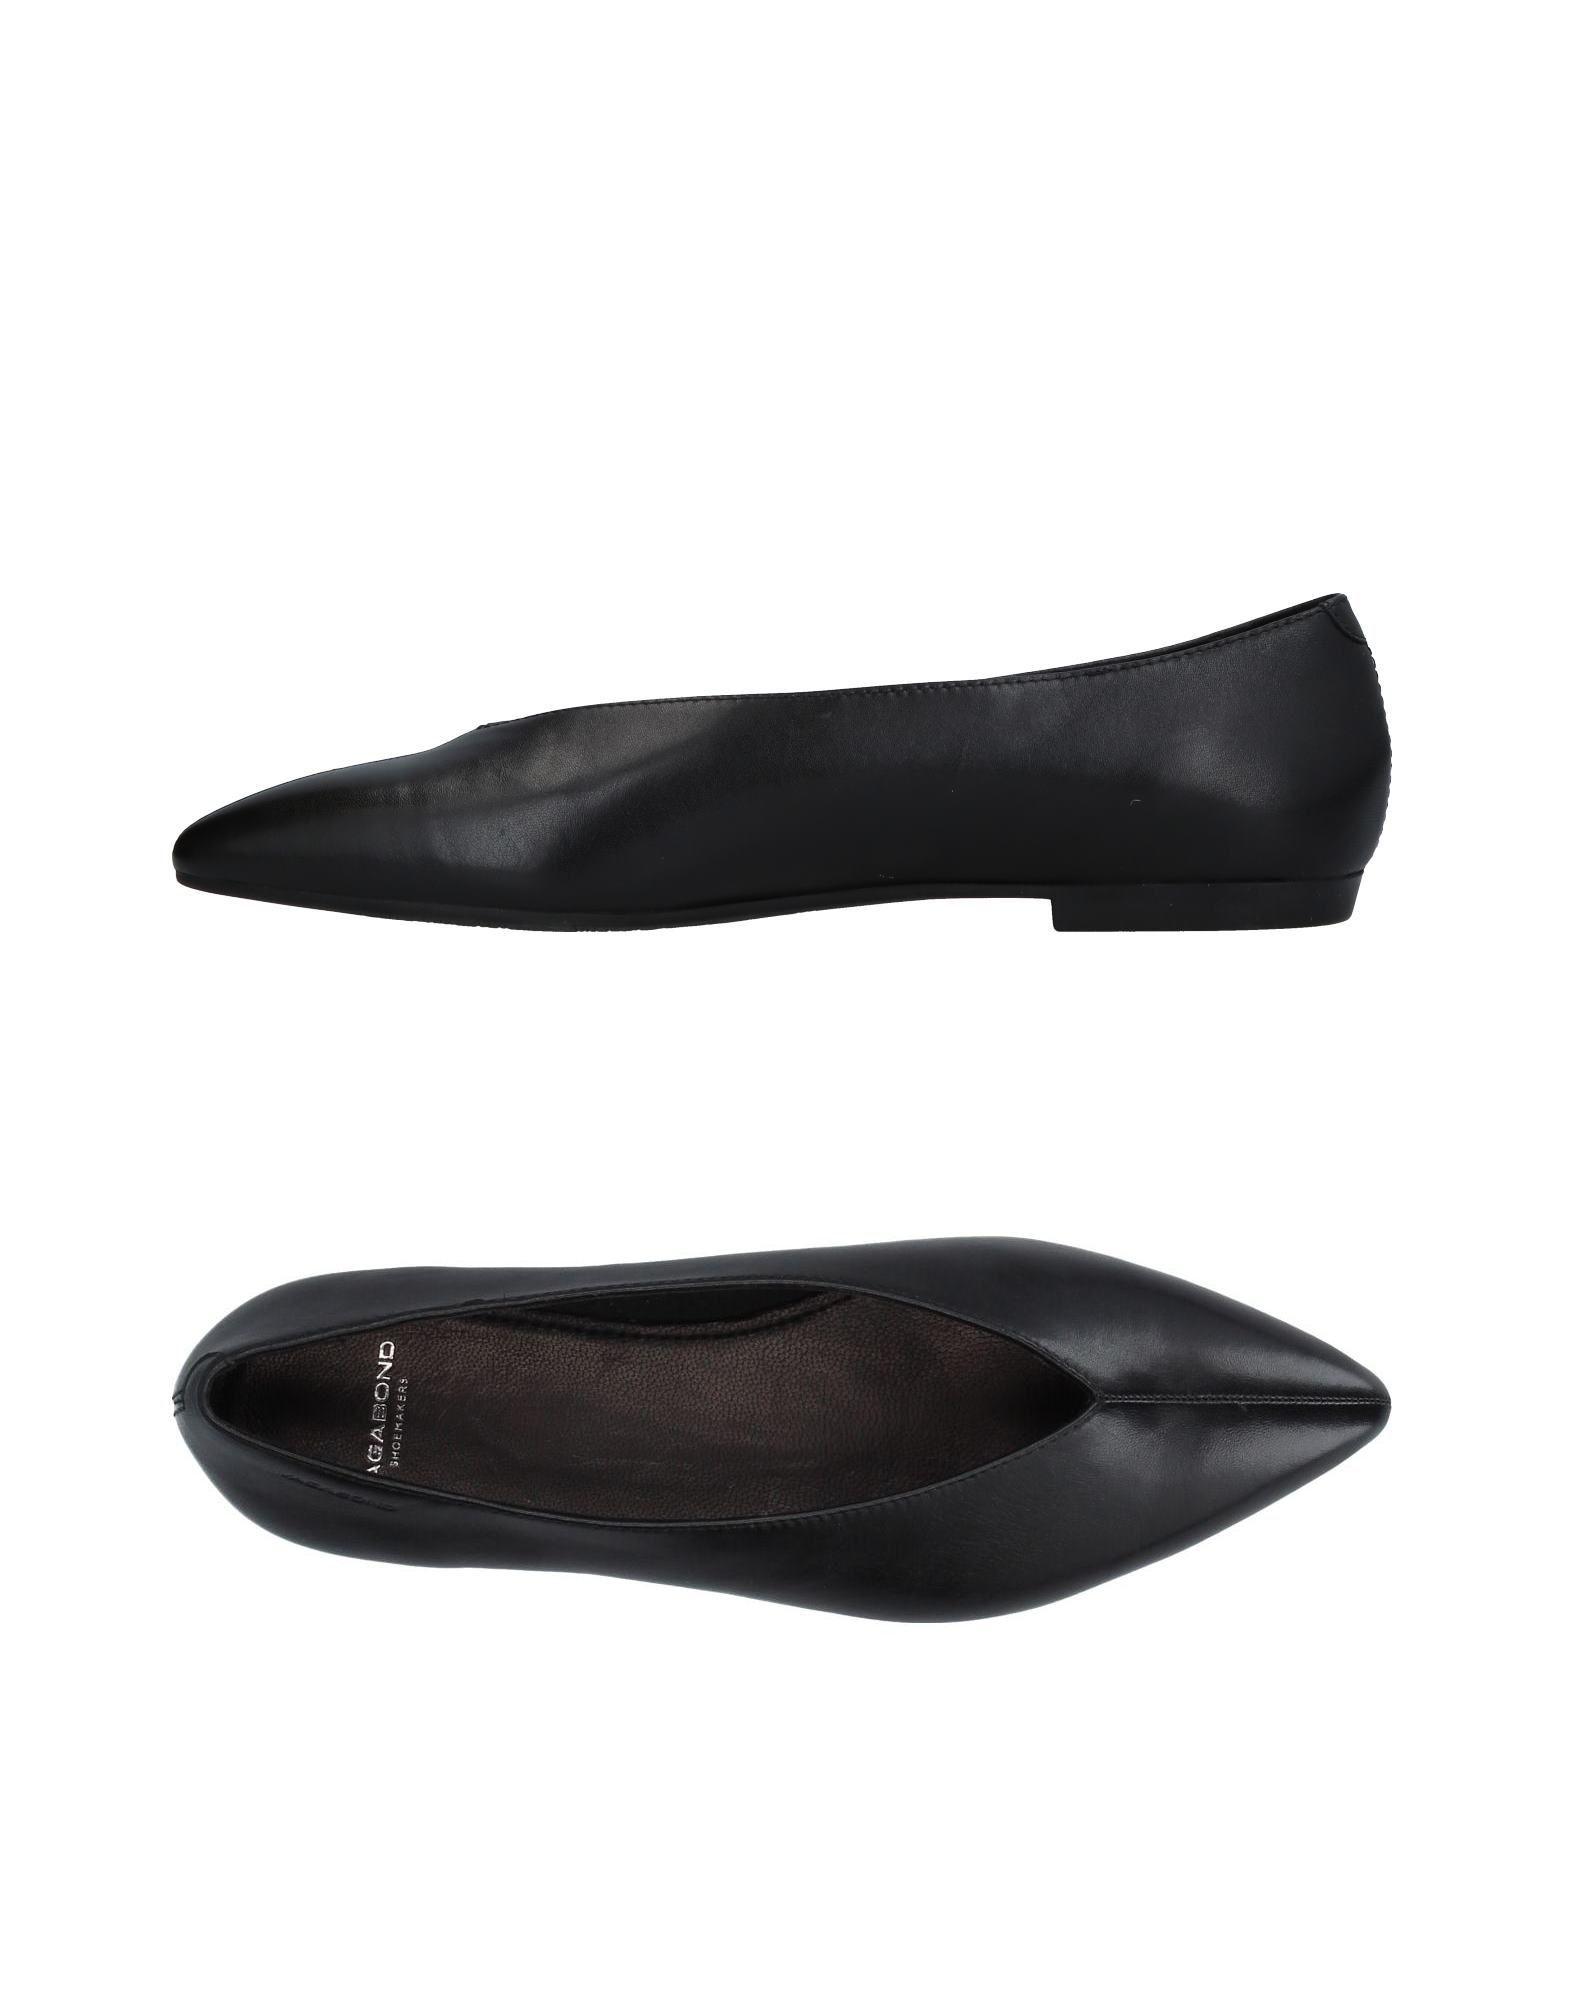 Ballerine Vagabond Shoemakers Donna Donna Shoemakers - 11377146GQ de5c73